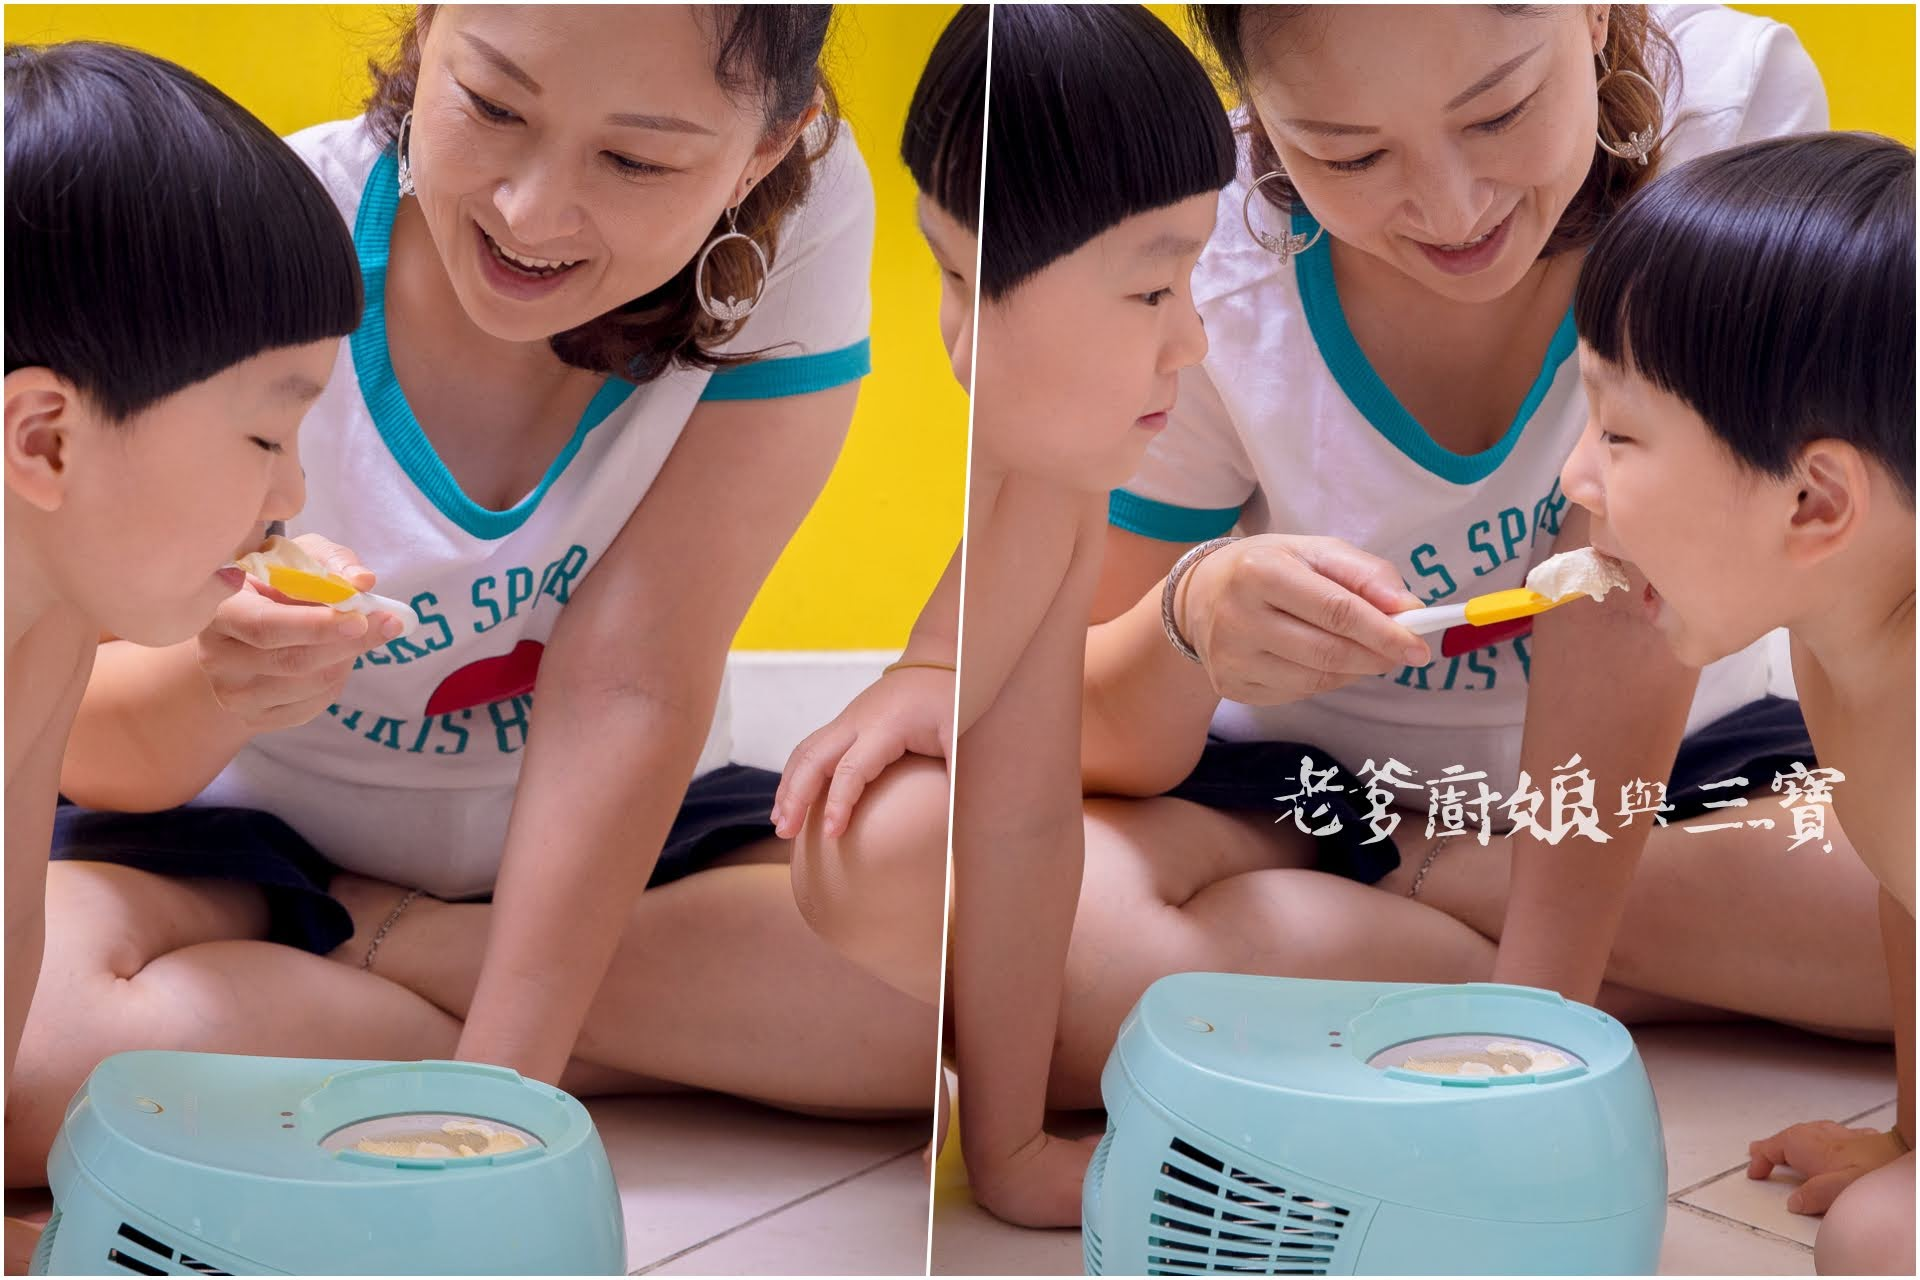 小朋友!我們家有了開心一夏的新玩具,能即刻製作也免預冷的冰淇淋機!一起來自製冰淇淋吧!